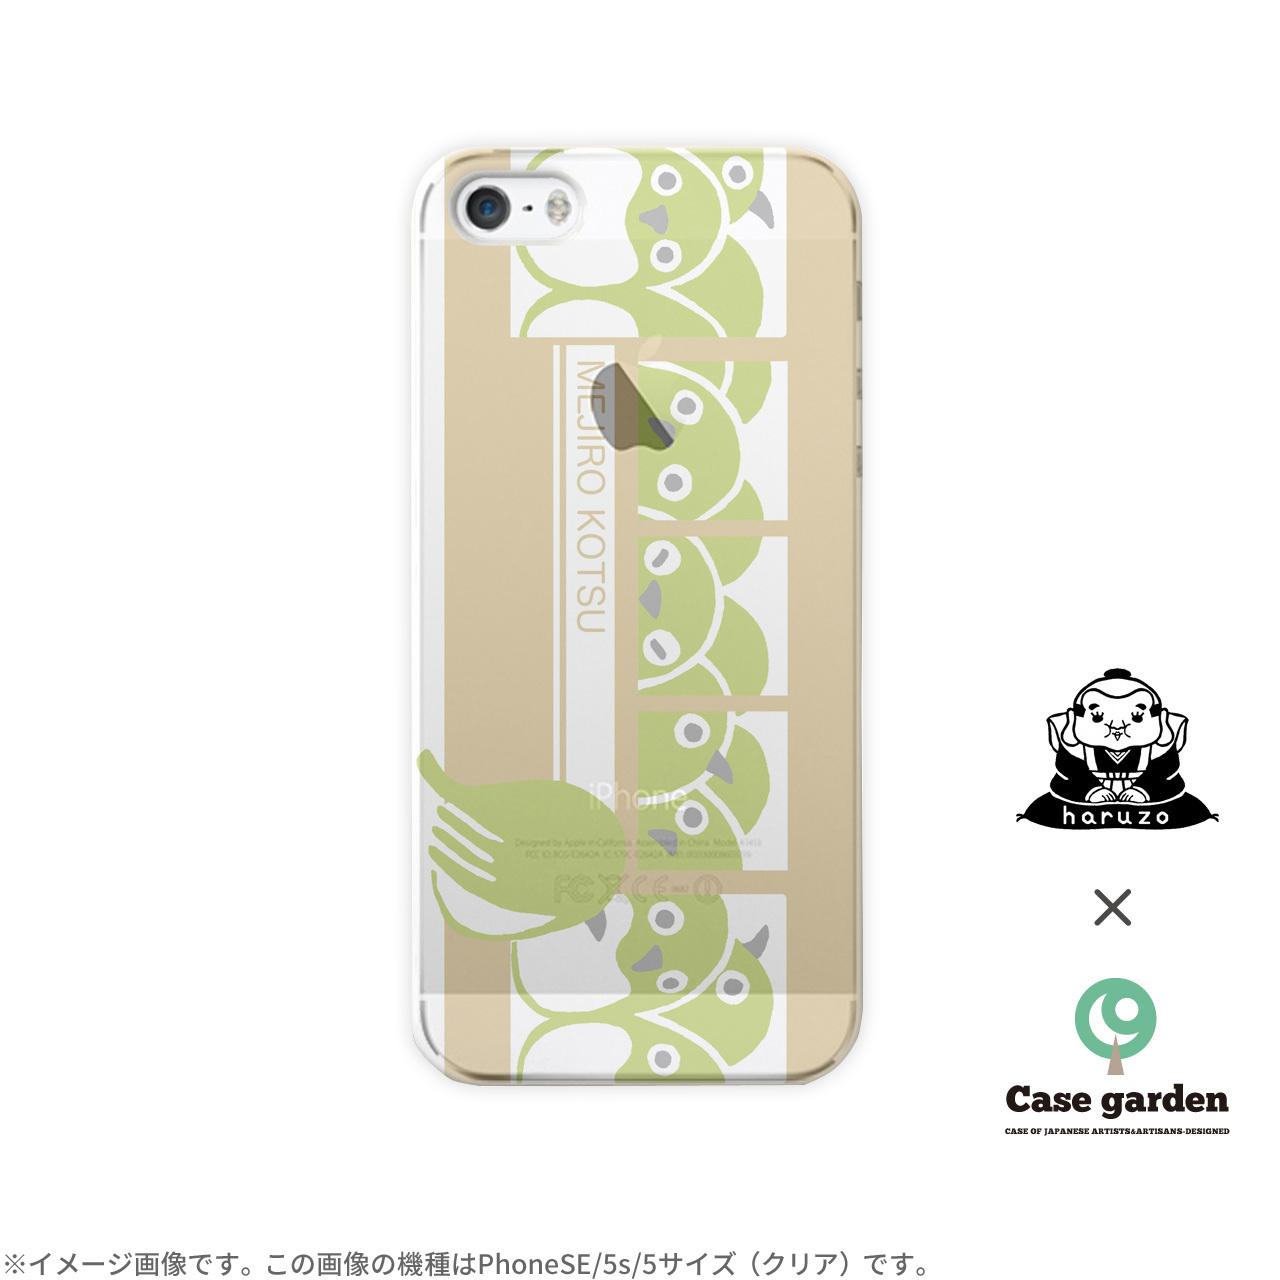 【限定色】iphone5c ハードケース クリア スマホケース iphone5c クリアケース iphone5c クリア ケース キラキラ かわいい めじろおし/晴三×ケースガーデン